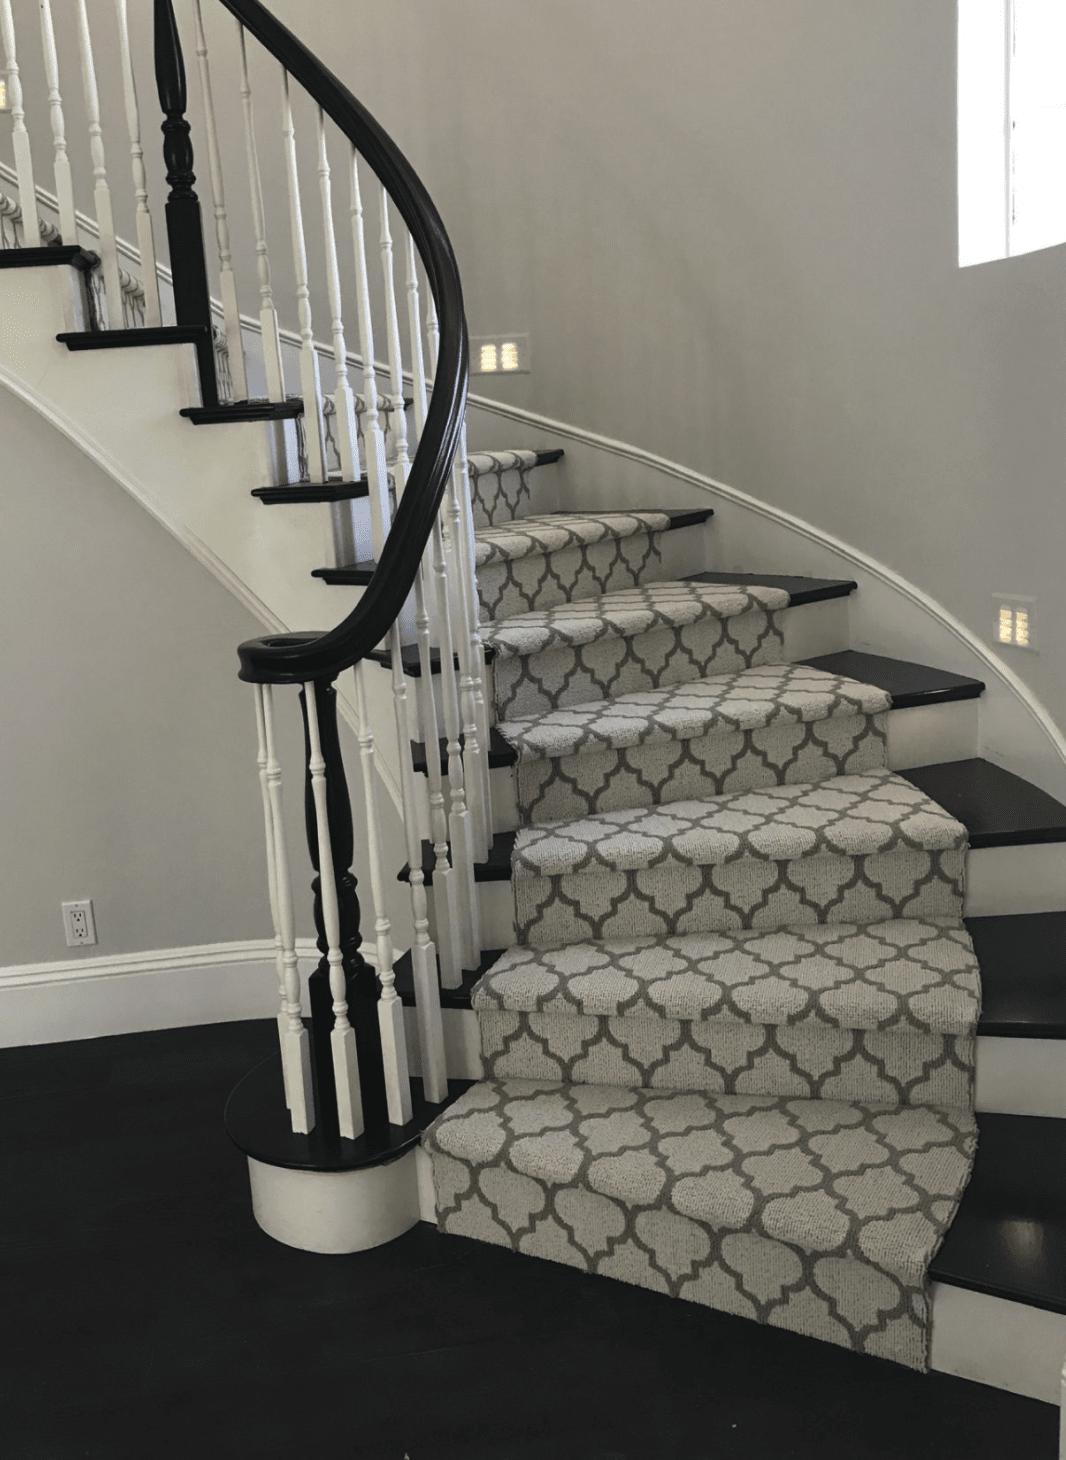 Patterned carpet runner in Fullerton, CA from TS Home Design Center / Rite Loom Flooring